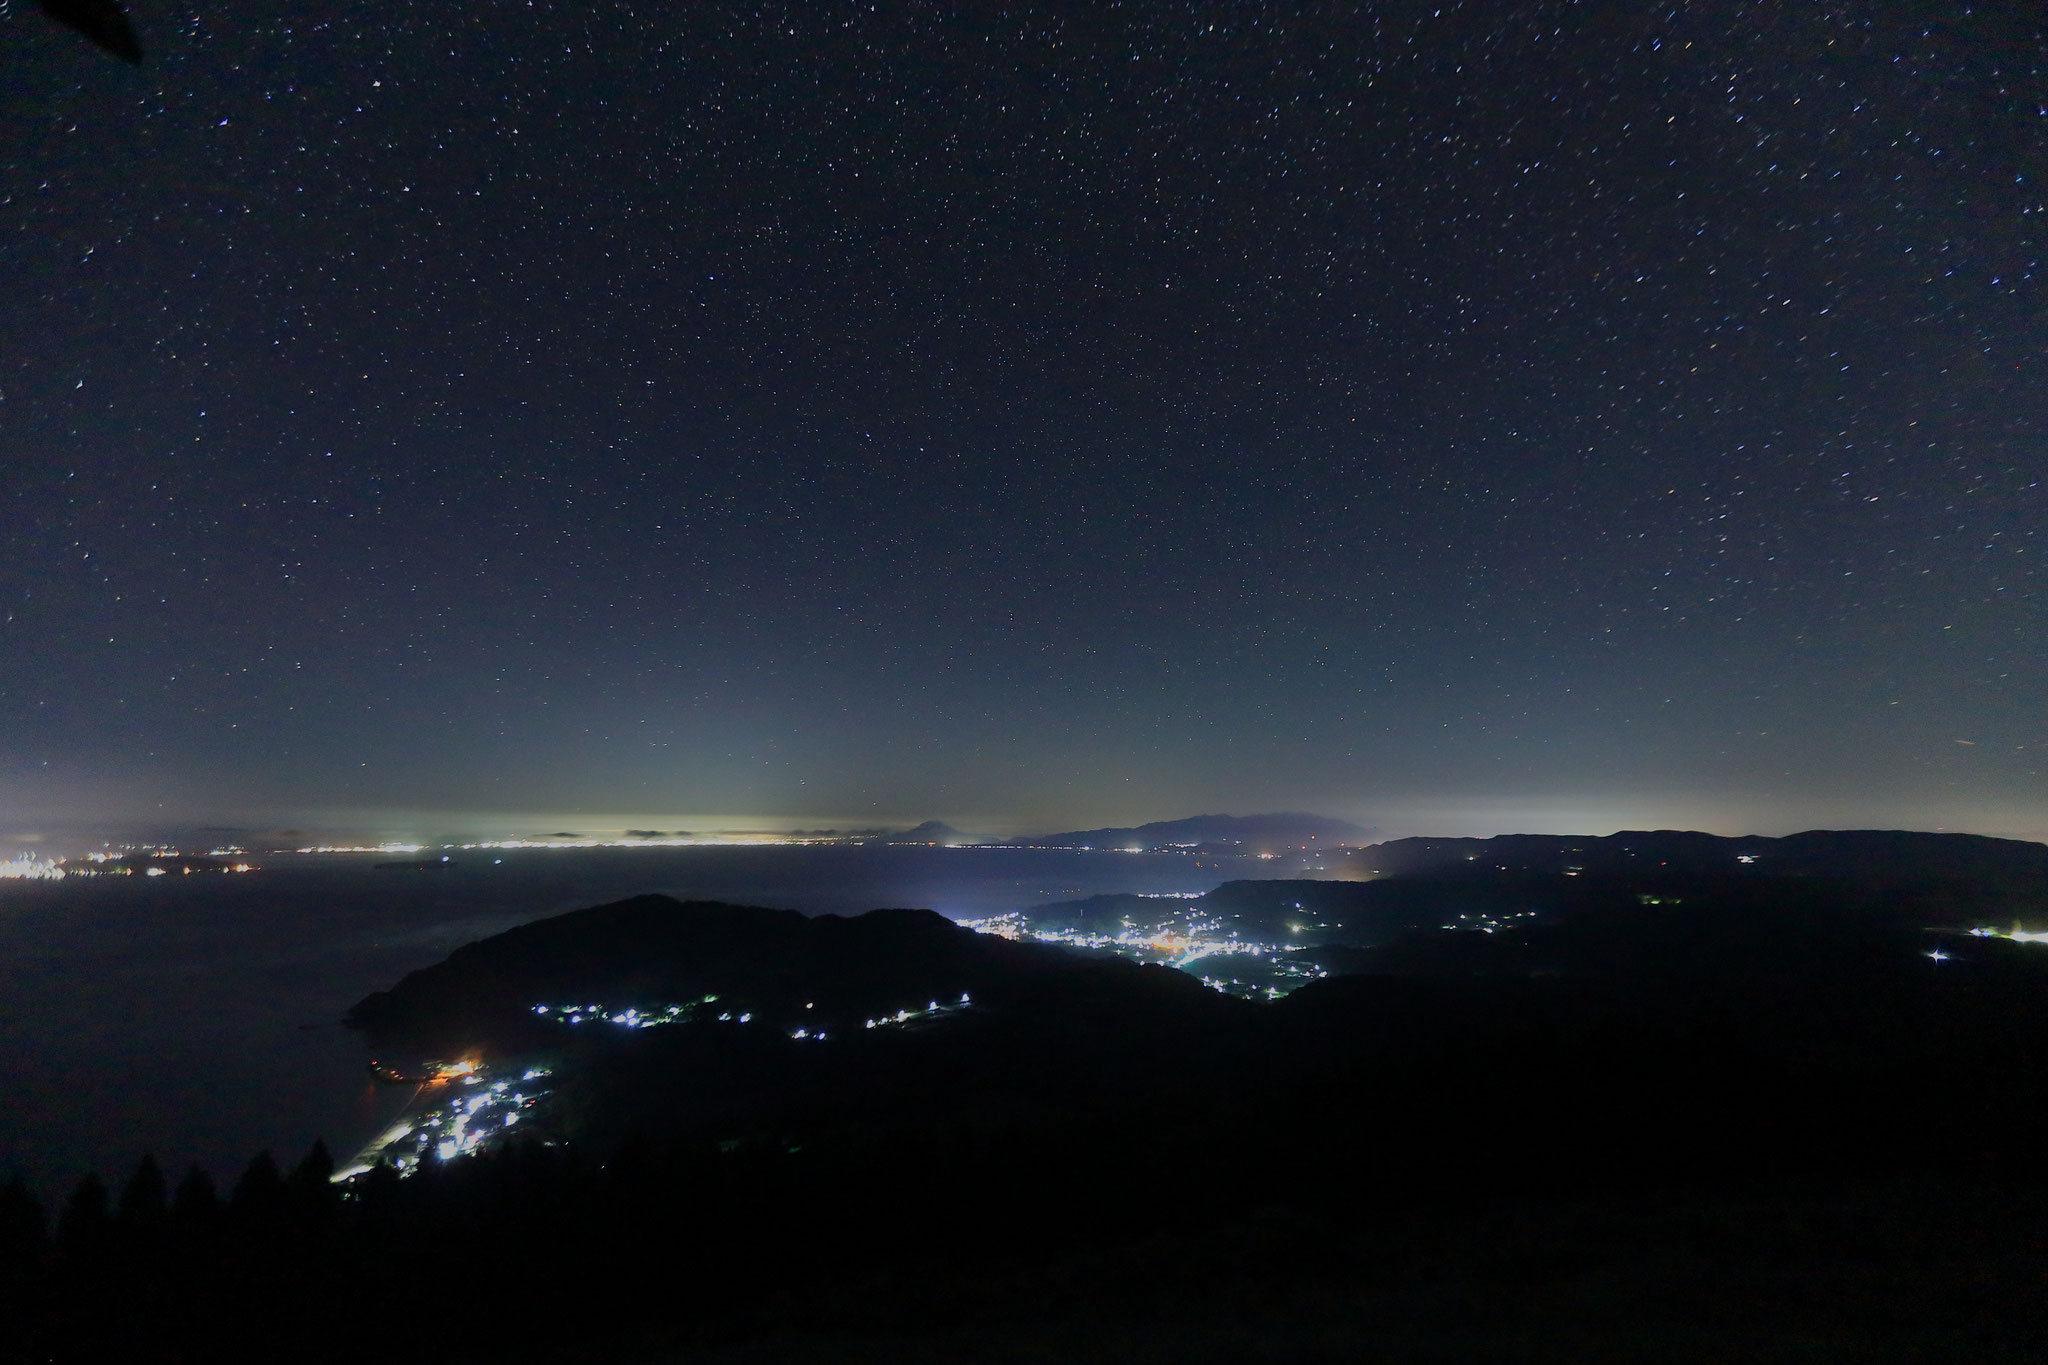 パノラマパーク西原台、夜の眺め(8/16 南大隅町)